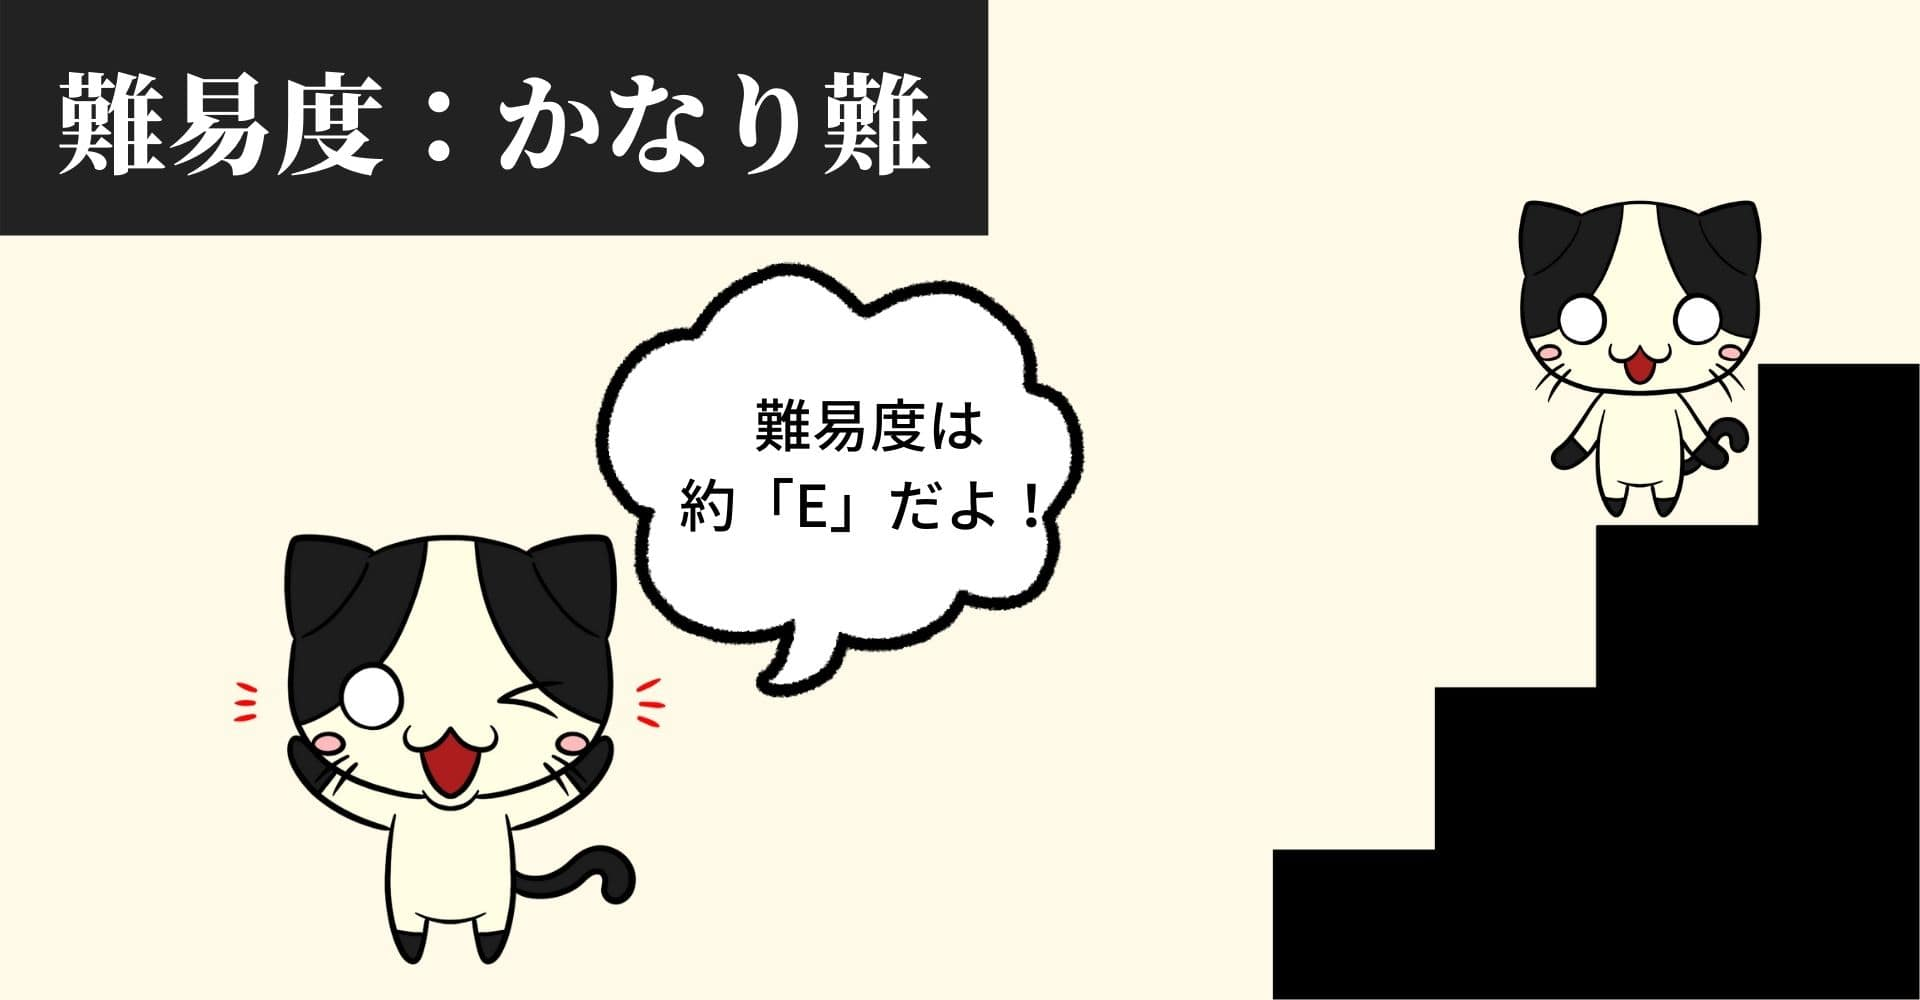 【ショパン】 (4)-minのアイキャッチ画像